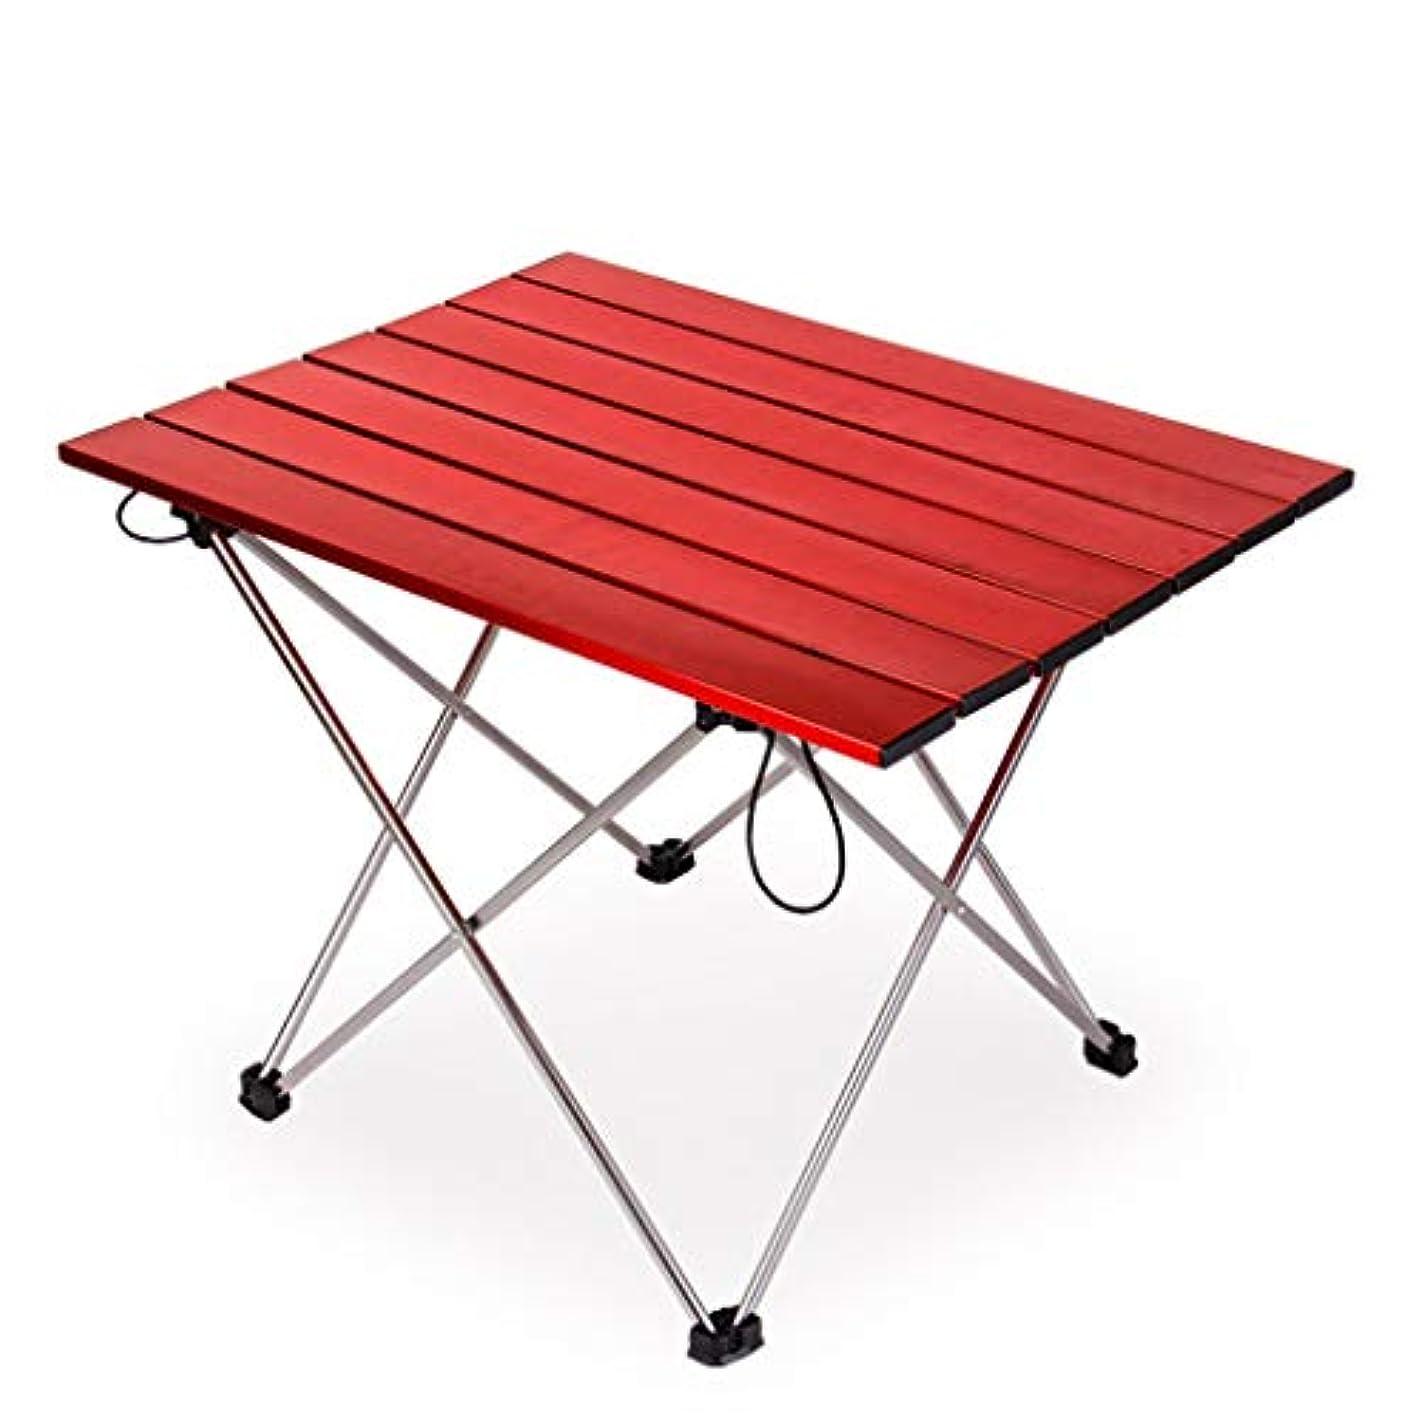 サイズかもしれないもし釣り用ピクニックのための屋外折りたたみポータブルキャンプテーブルガーデンテーブル (色 : Red)